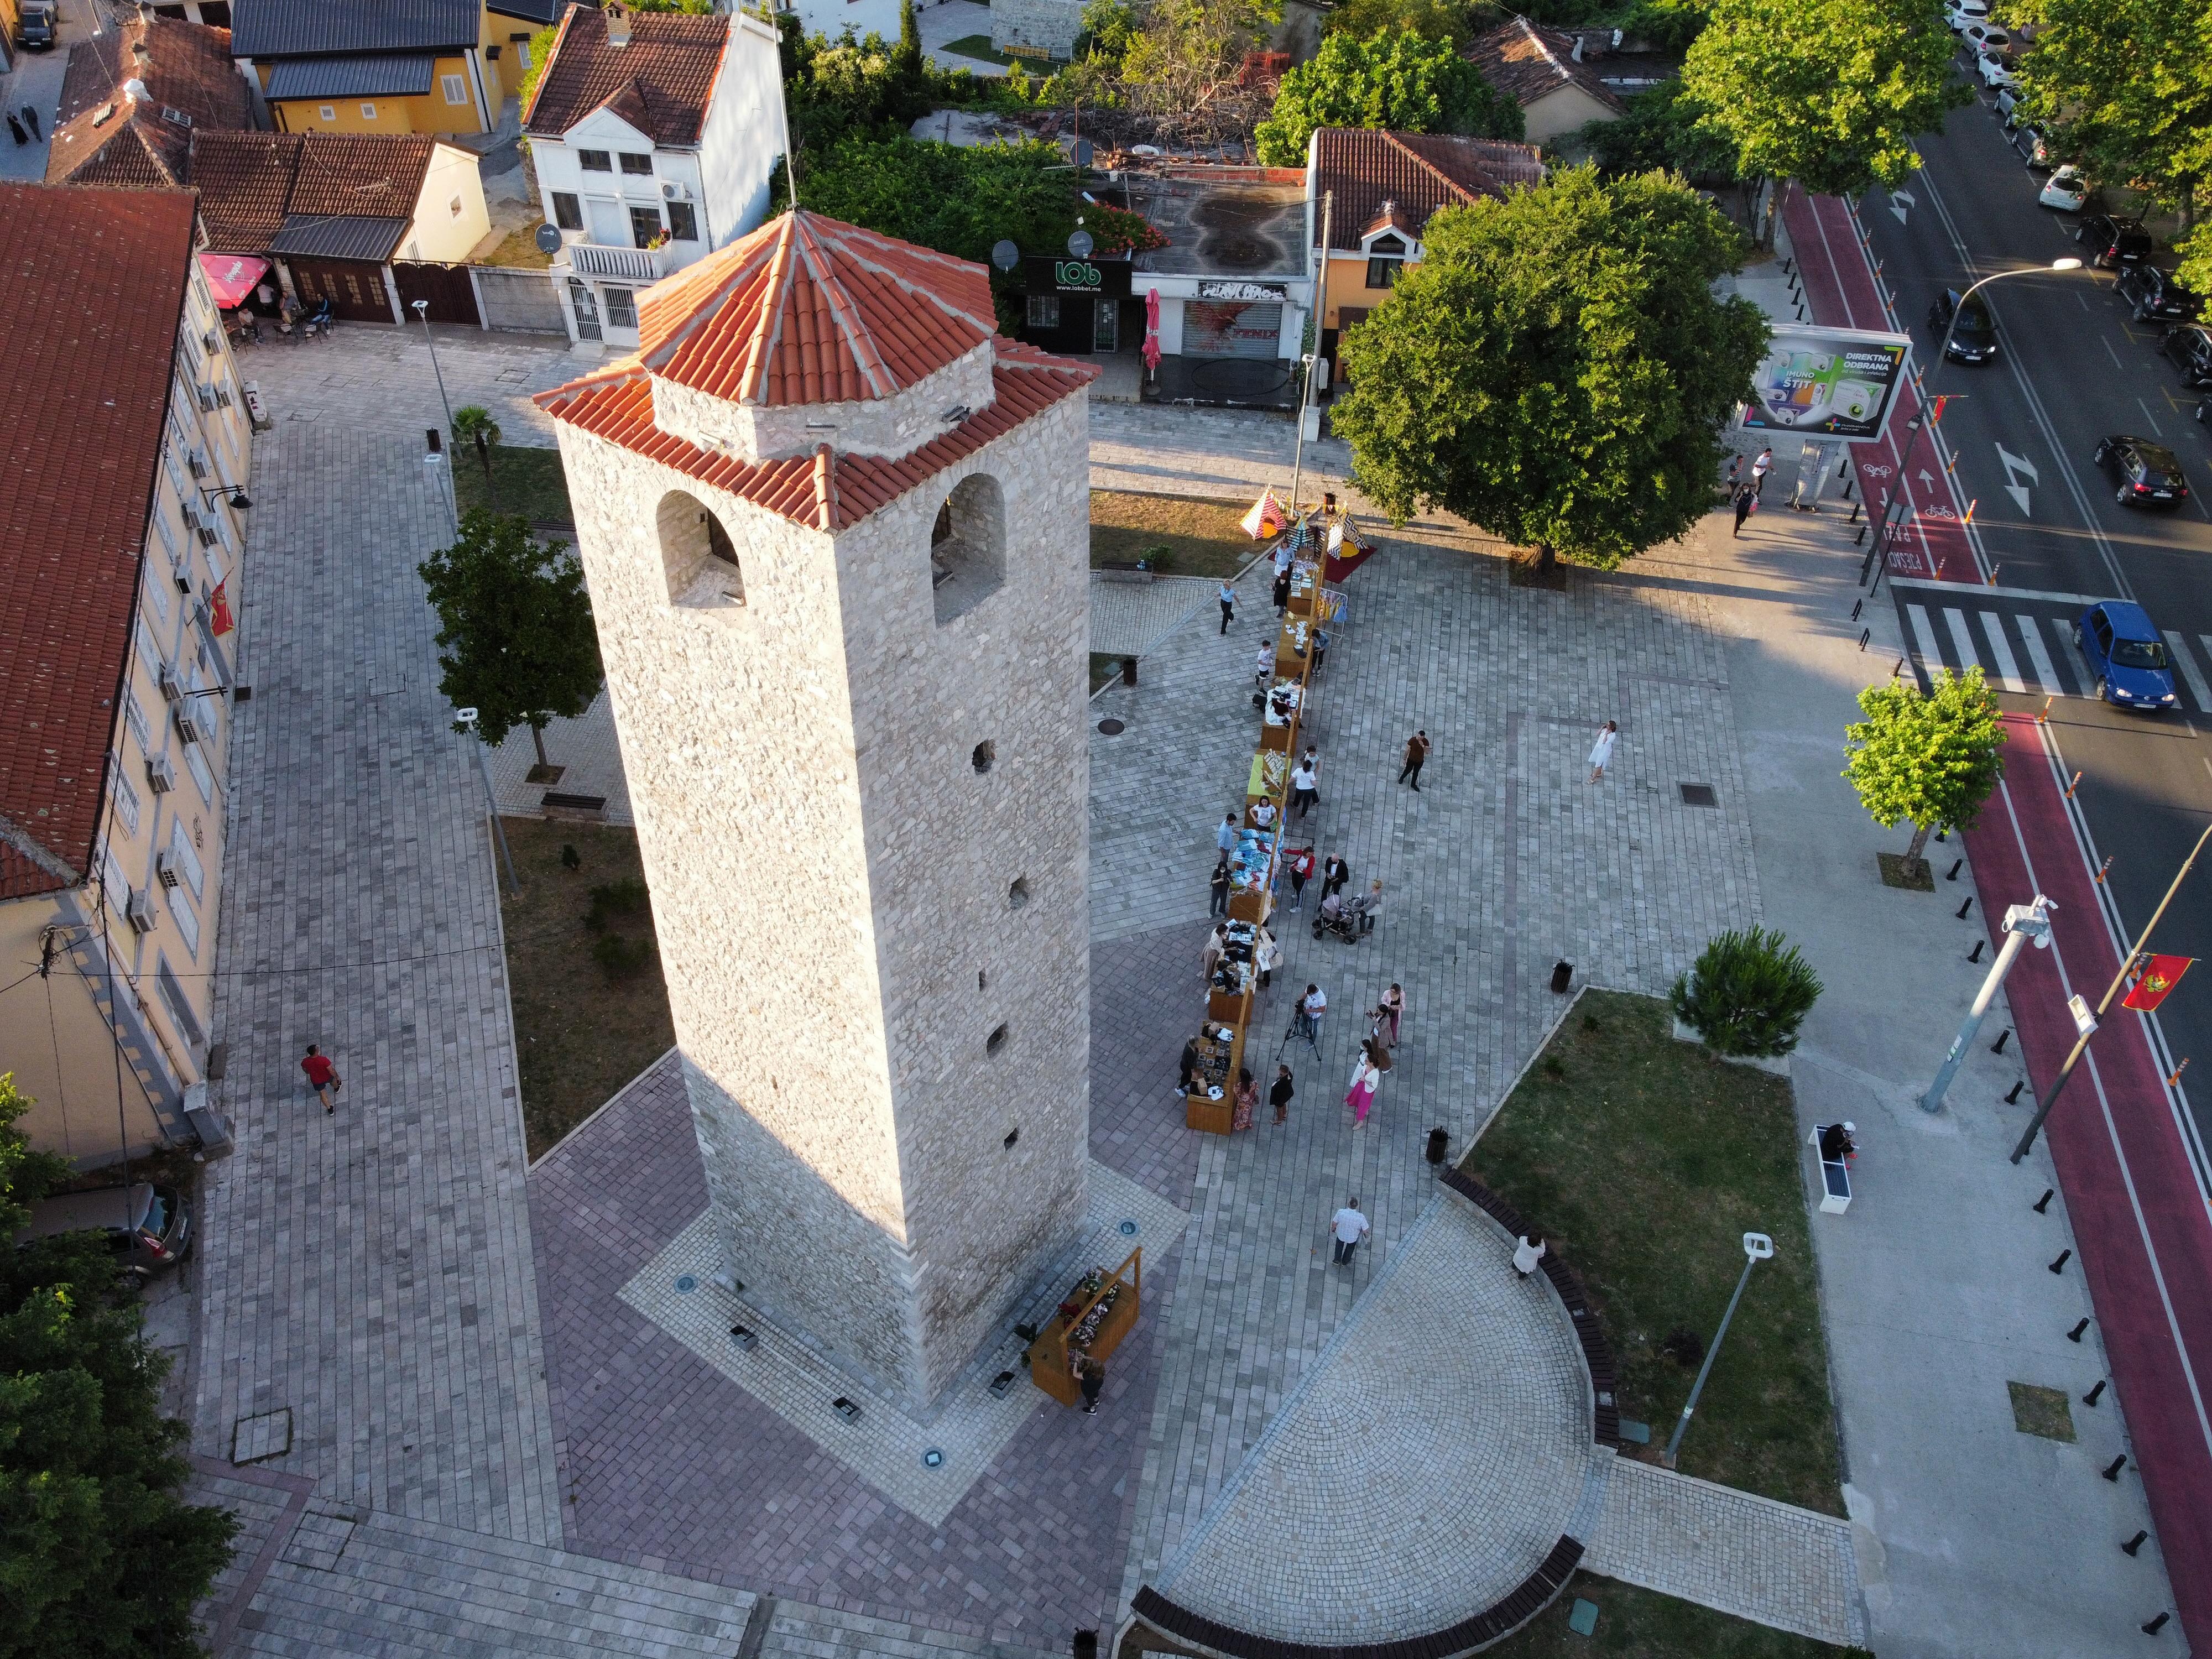 Najava: Potpisivanje ugovora sa dobitnicima Konkursa za podršku biznis idejama na području gradskih naselja Stara varoš i Drač